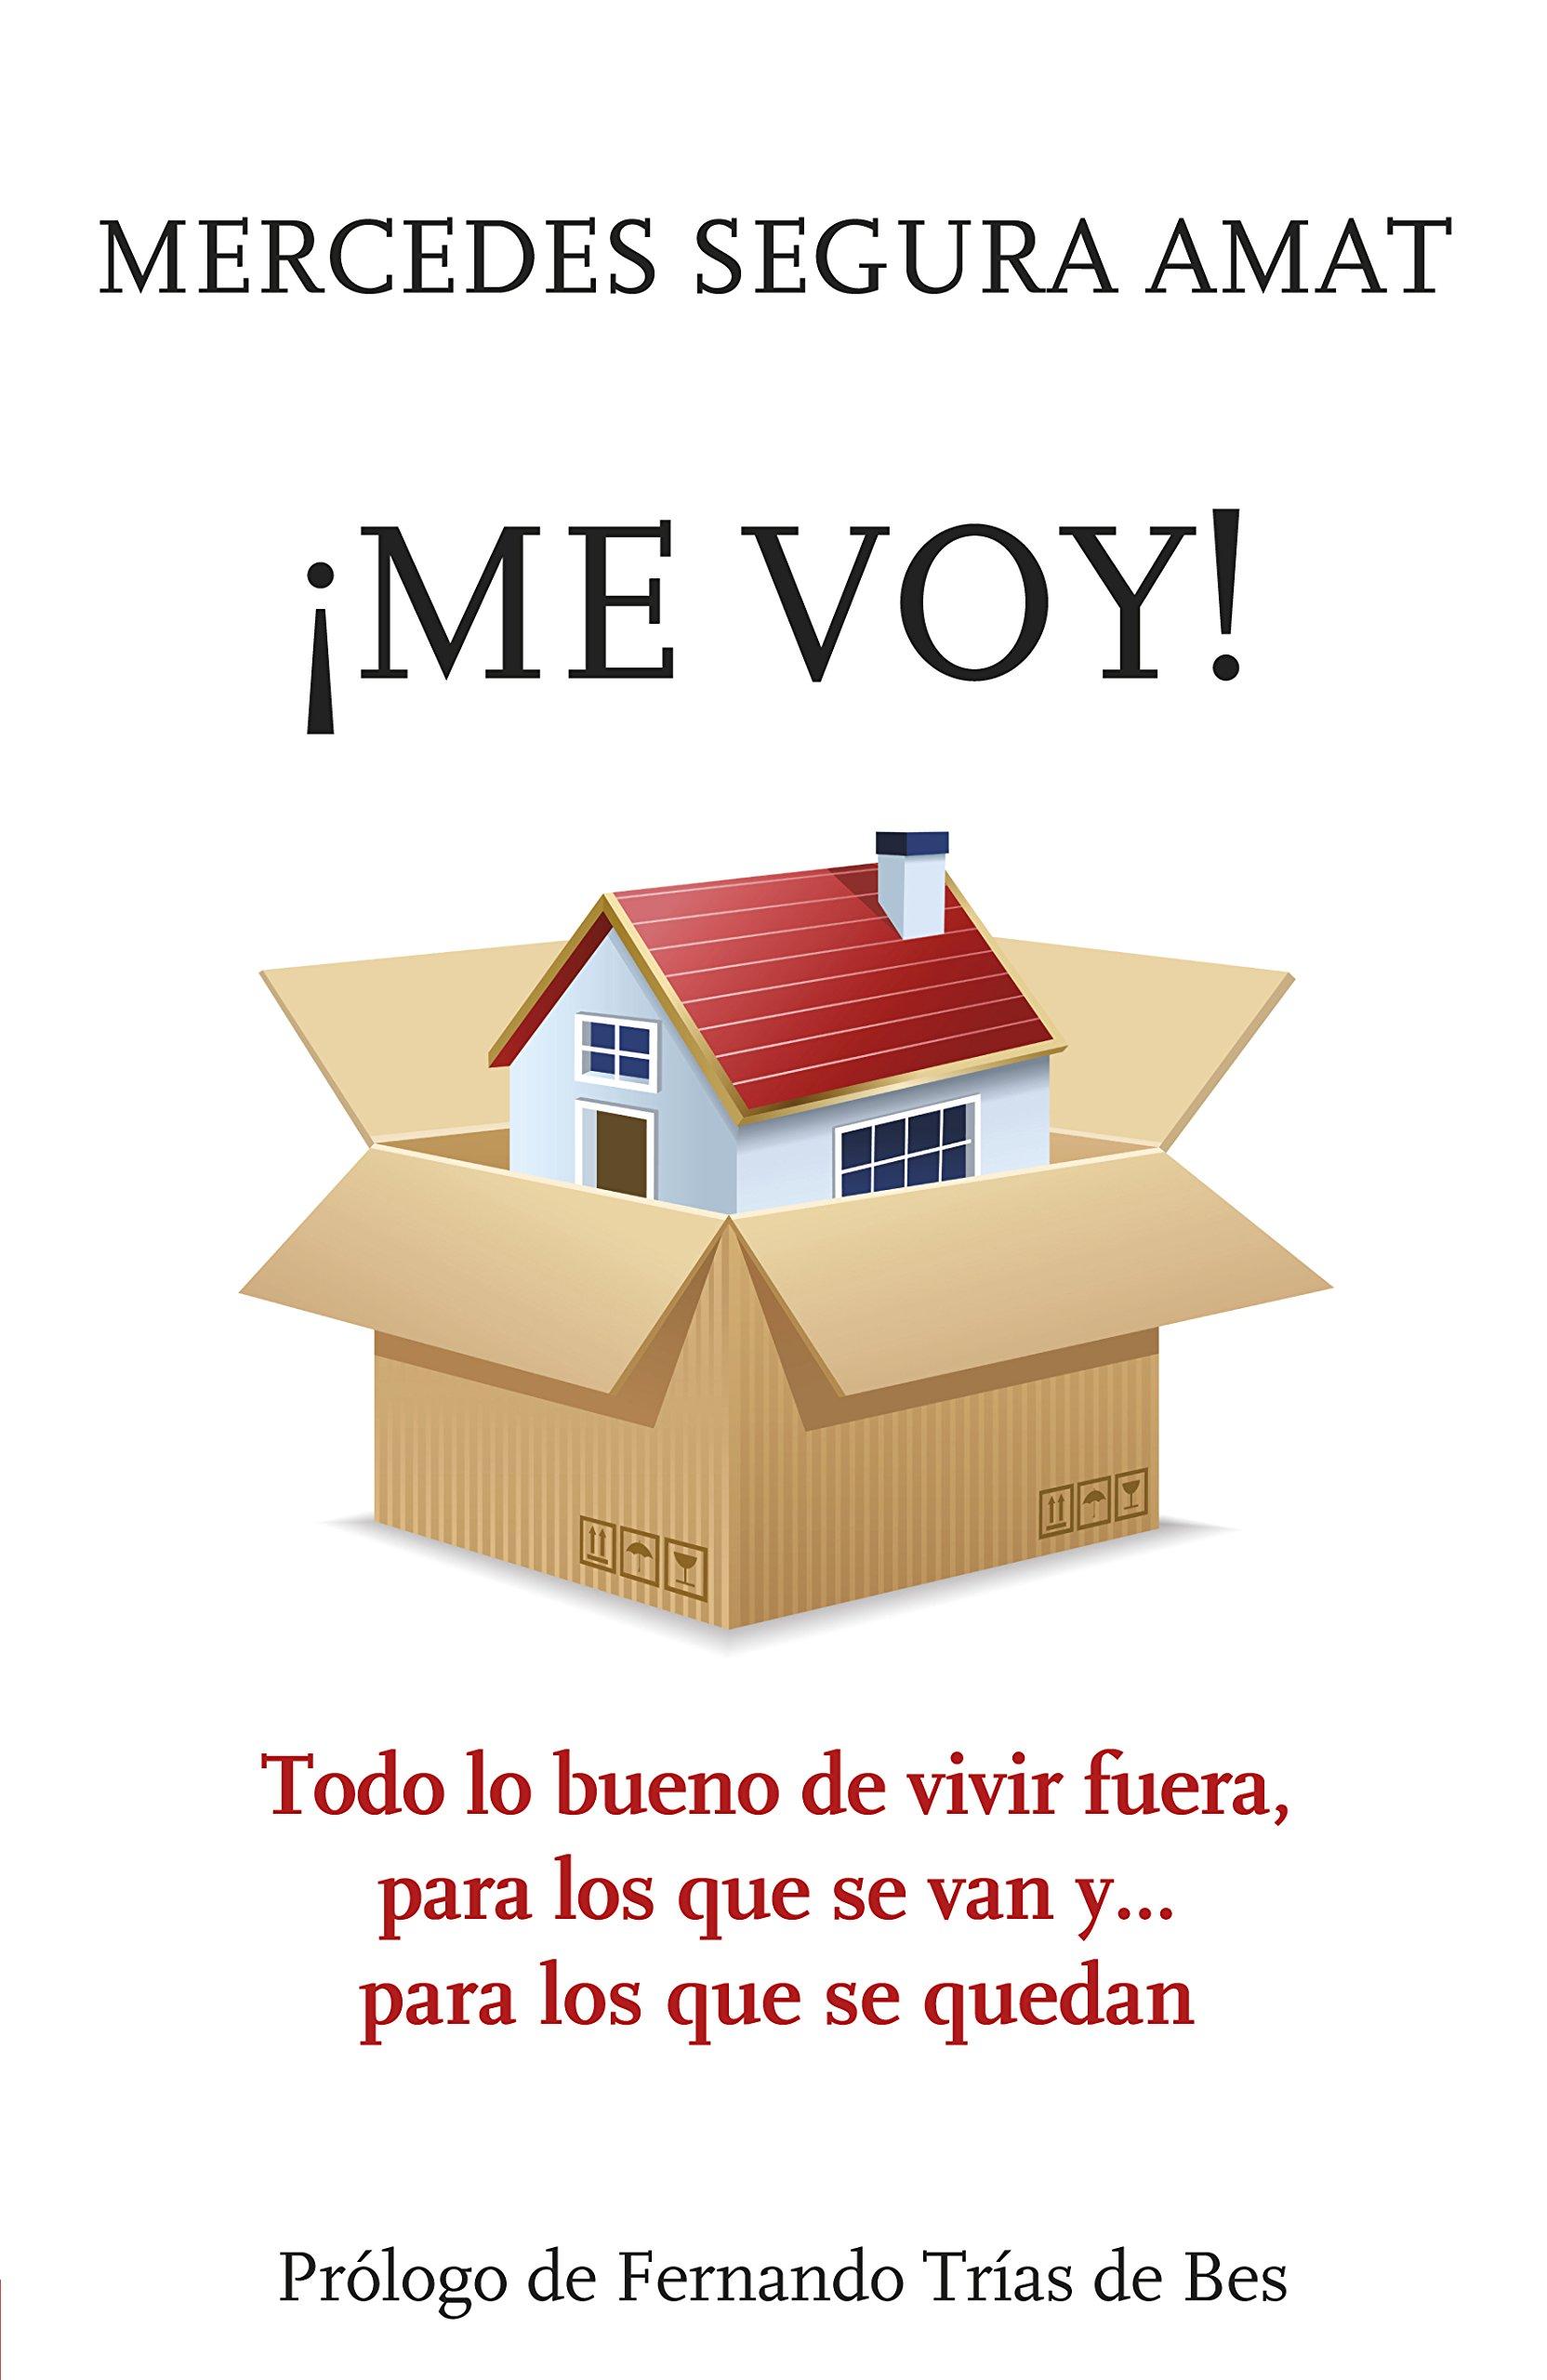 TODO LO BUENO DE VIVIR FUERA, PARA LOS QUE SE VAN Y... PARA LOS QUE SE QUEDAN: Amazon.es: MERCEDES SEGURA AMAT: Libros